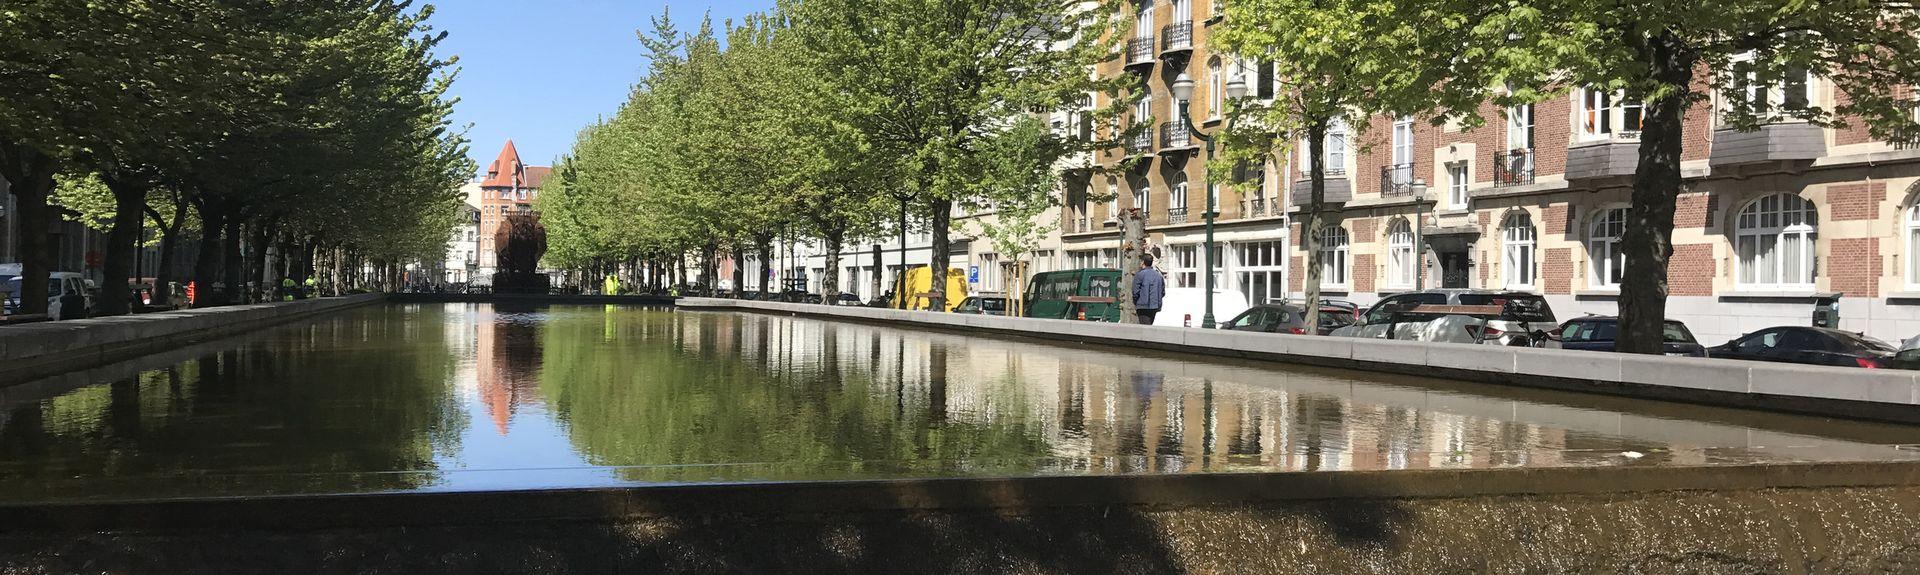 Quartier des Quais, Bruxelles, Région de Bruxelles-Capitale, Belgique